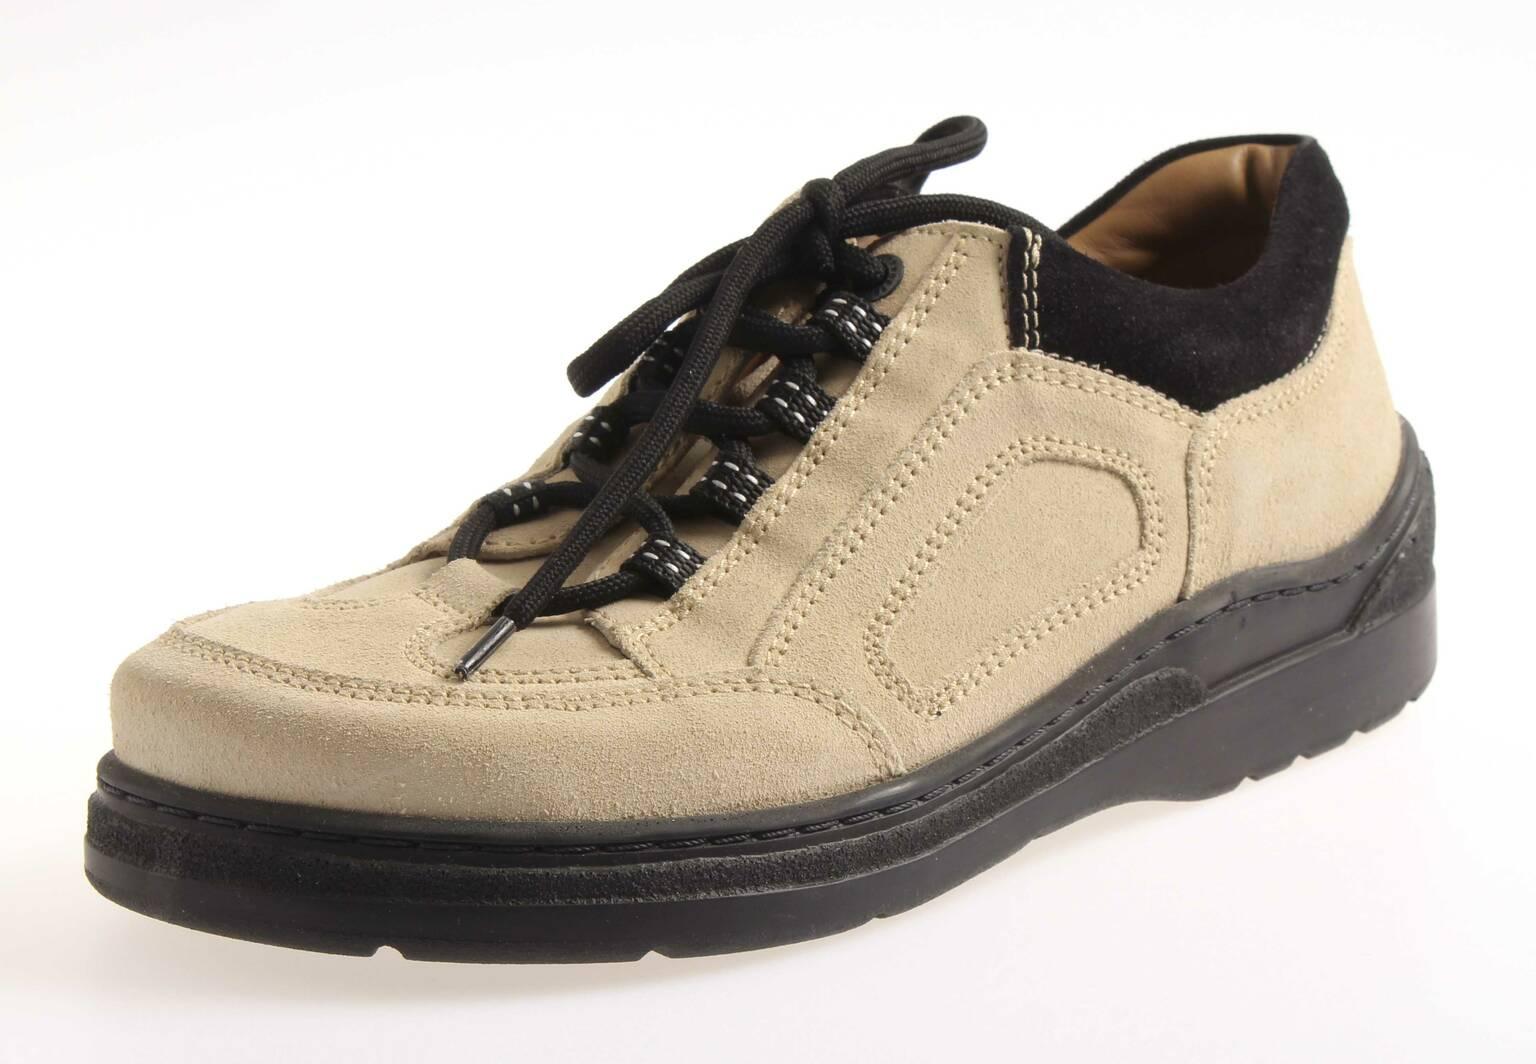 footprints by birkenstock halbschuhe bristol leder normal herren ebay. Black Bedroom Furniture Sets. Home Design Ideas